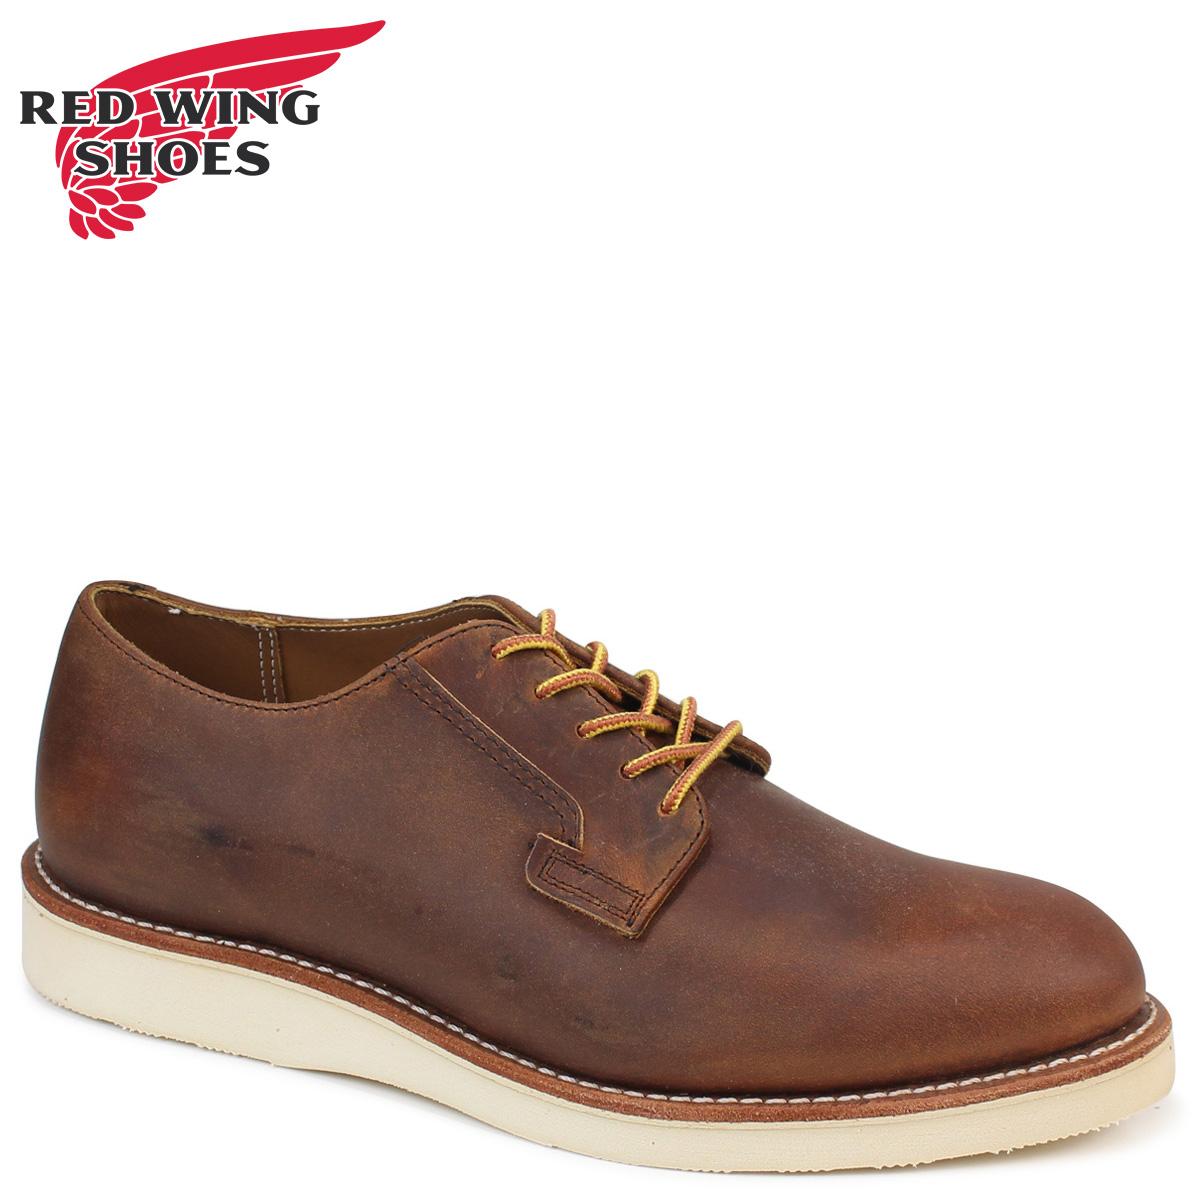 レッドウィング RED WING ポストマン ブーツ オックスフォード 3107 POSTMAN OXFORD Dワイズ メンズ